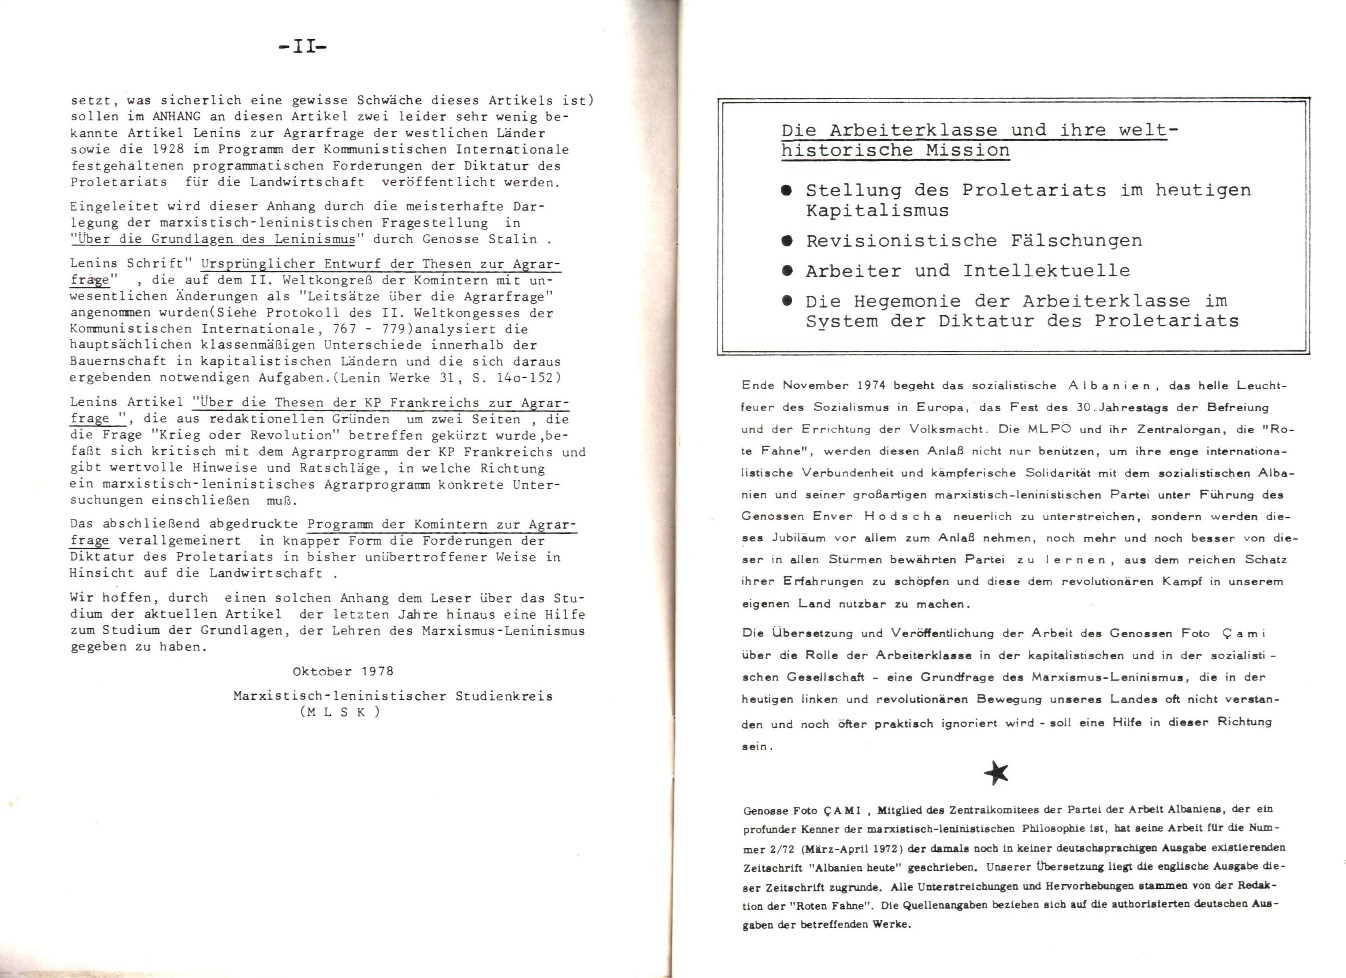 MLSK_Theorie_und_Praxis_des_ML_1978_23_03